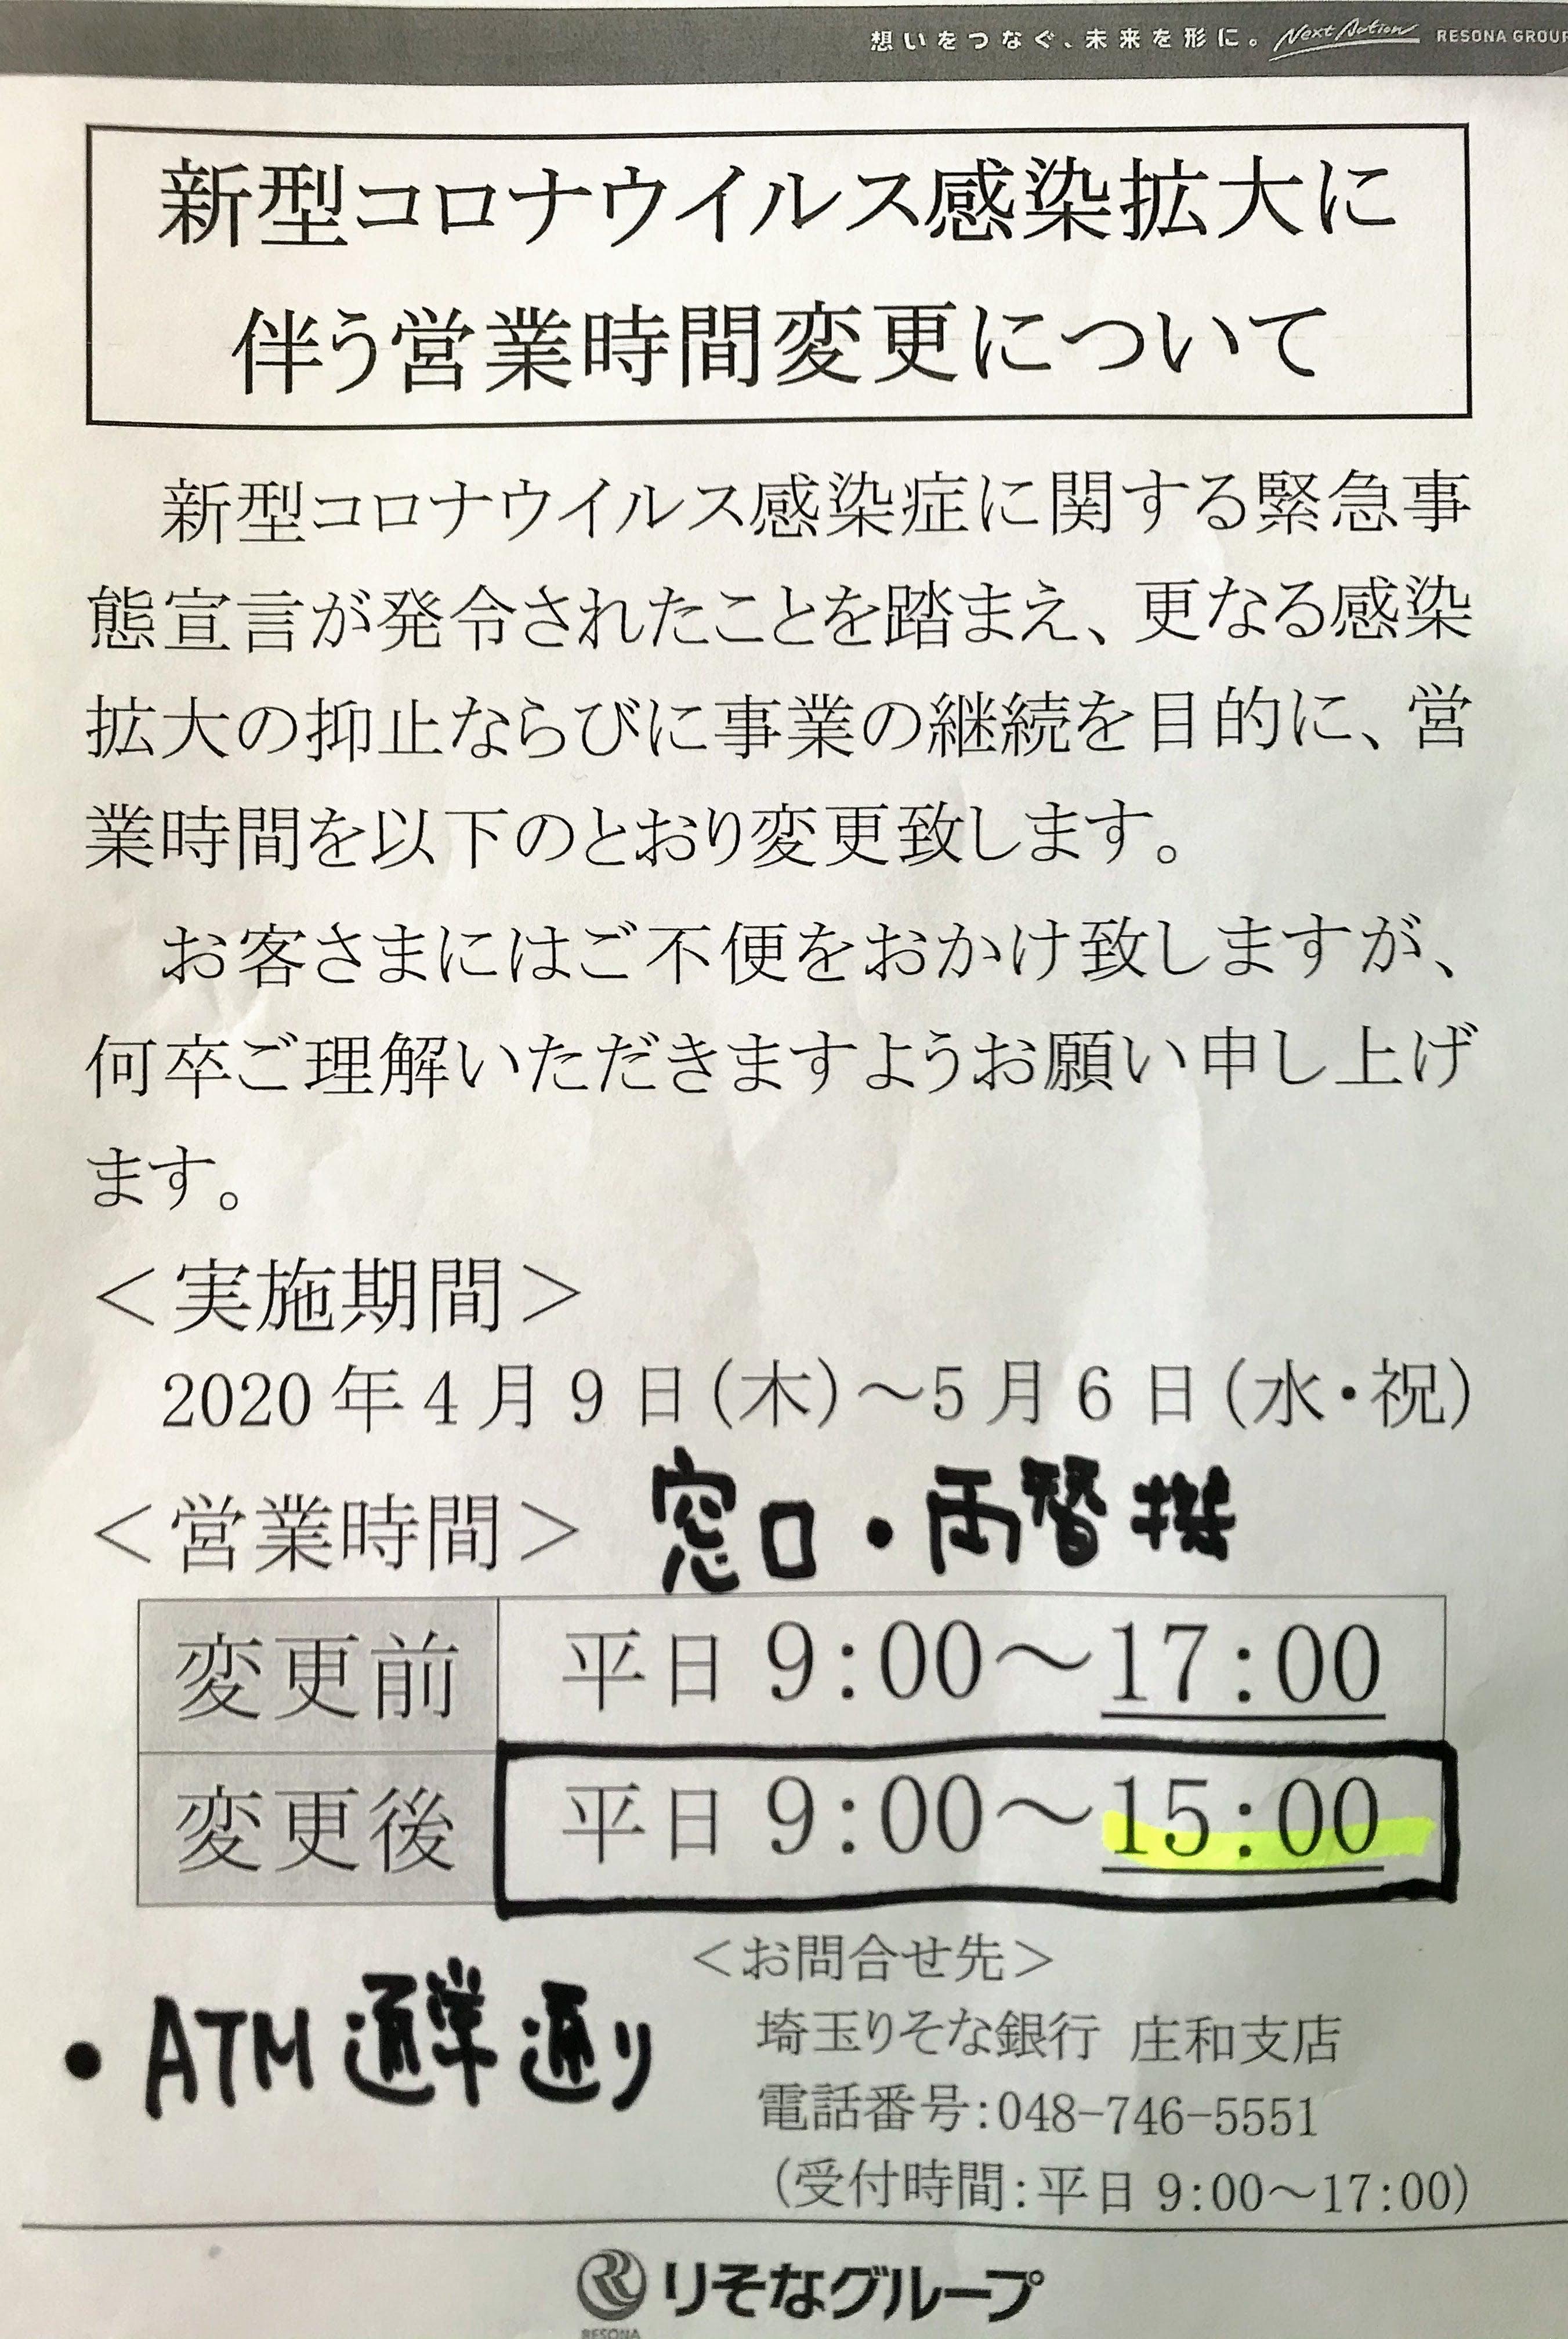 銀行 atm りそな 埼玉